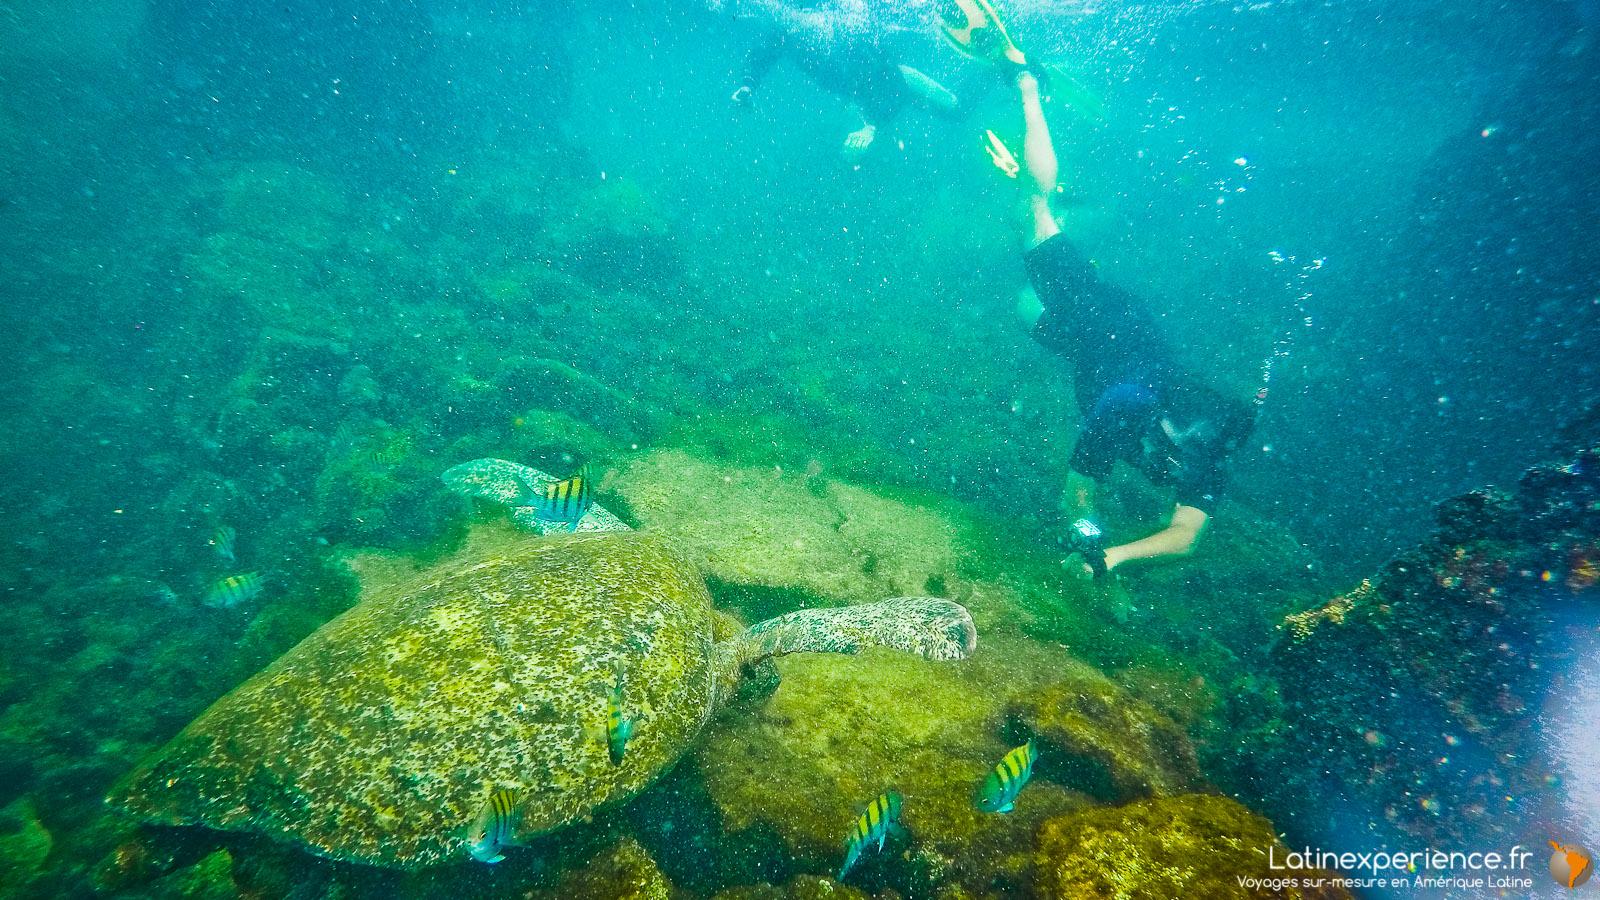 Galapagos - Snorkeling - Latinexperience voyages